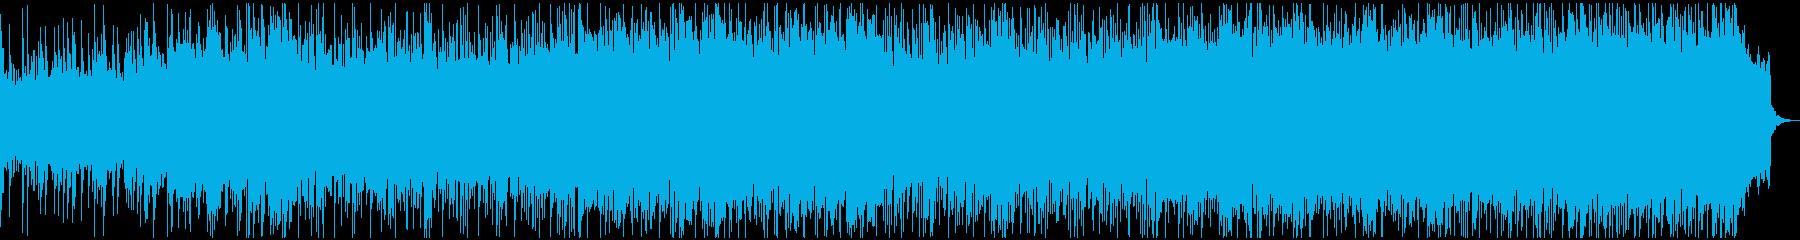 ロックトロニカ楽器。爆発的な熱狂的...の再生済みの波形